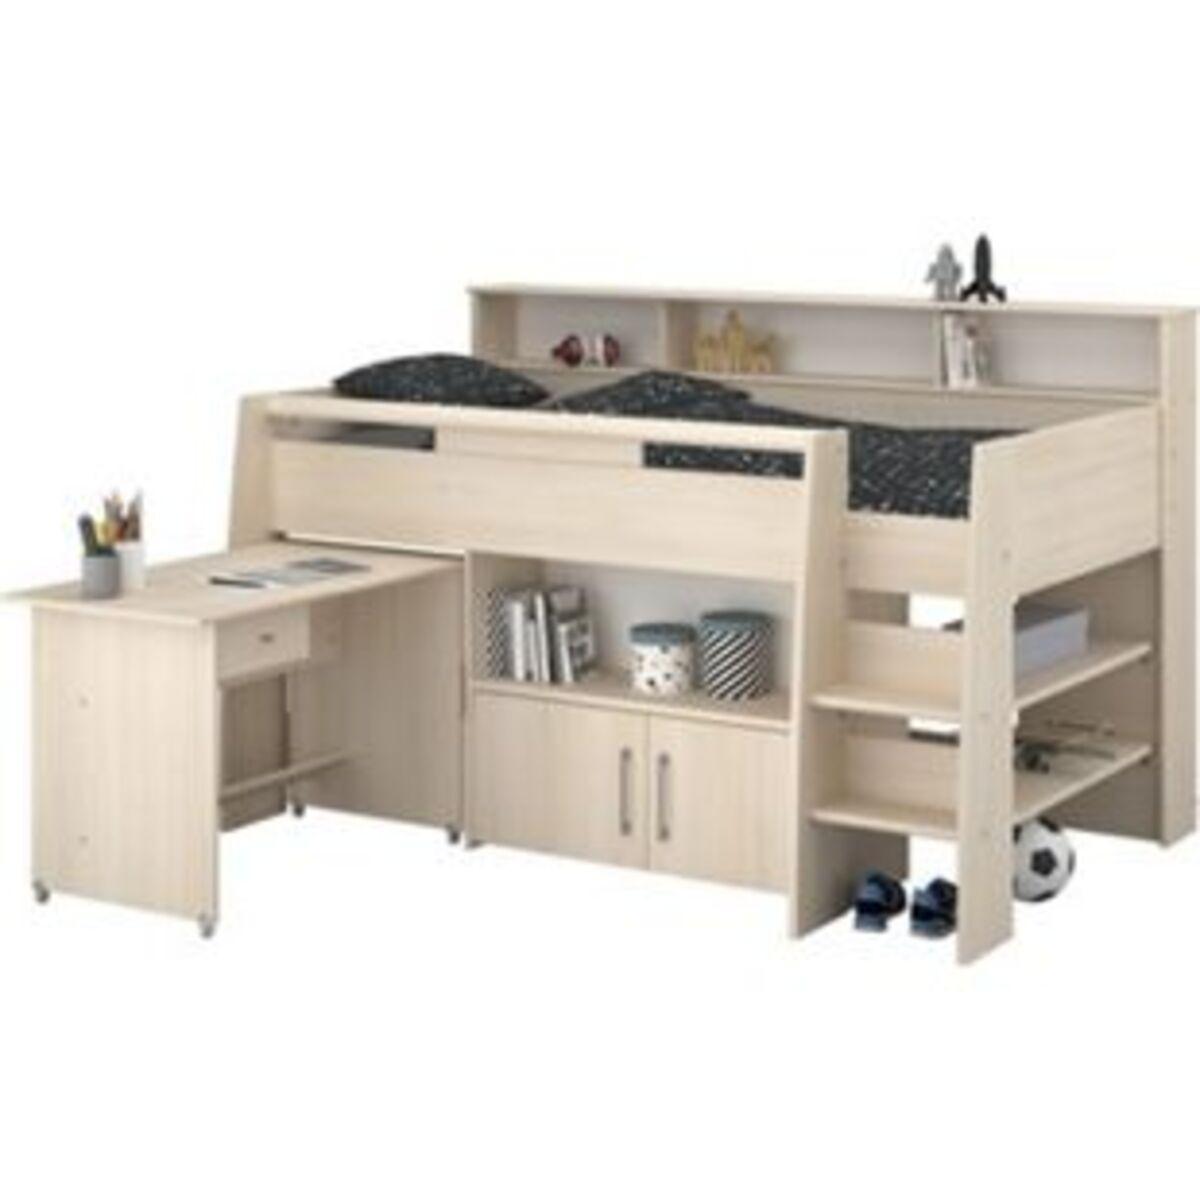 Bild 2 von Parisot Hochbett Charly 2 mit integriertem  Schreibtisch